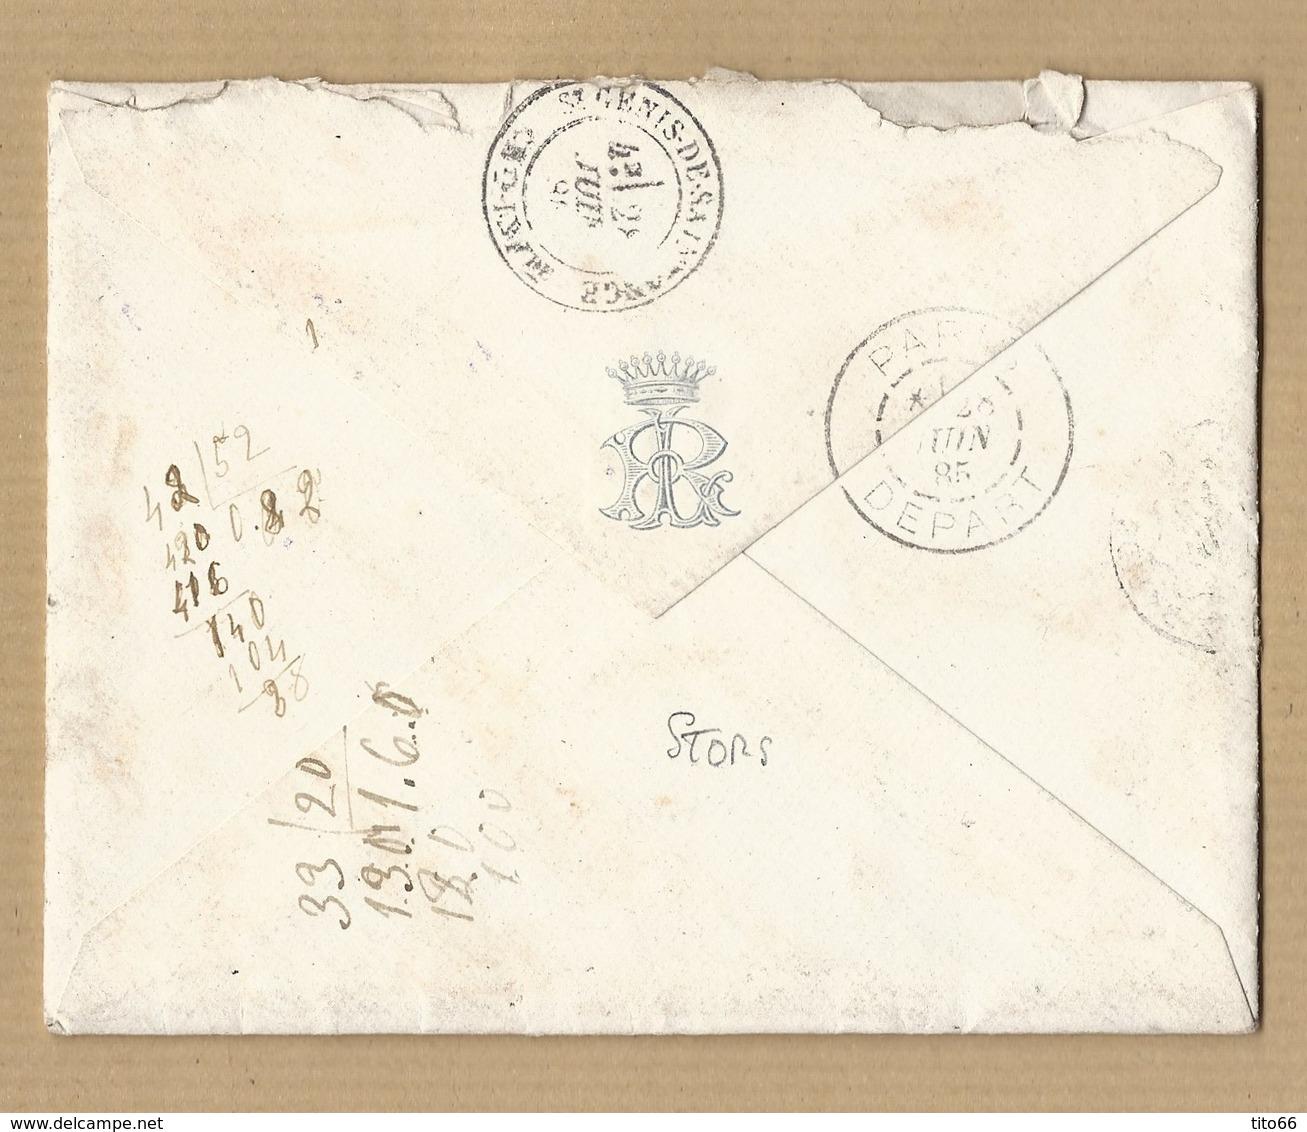 Sage 15c Bleu Sur Enveloppe Avec Texte Adressé A La Vicomtesse De Lestrange TAD L'Isle Adam Vers Saintonge 27/6/85 - Marcophilie (Lettres)